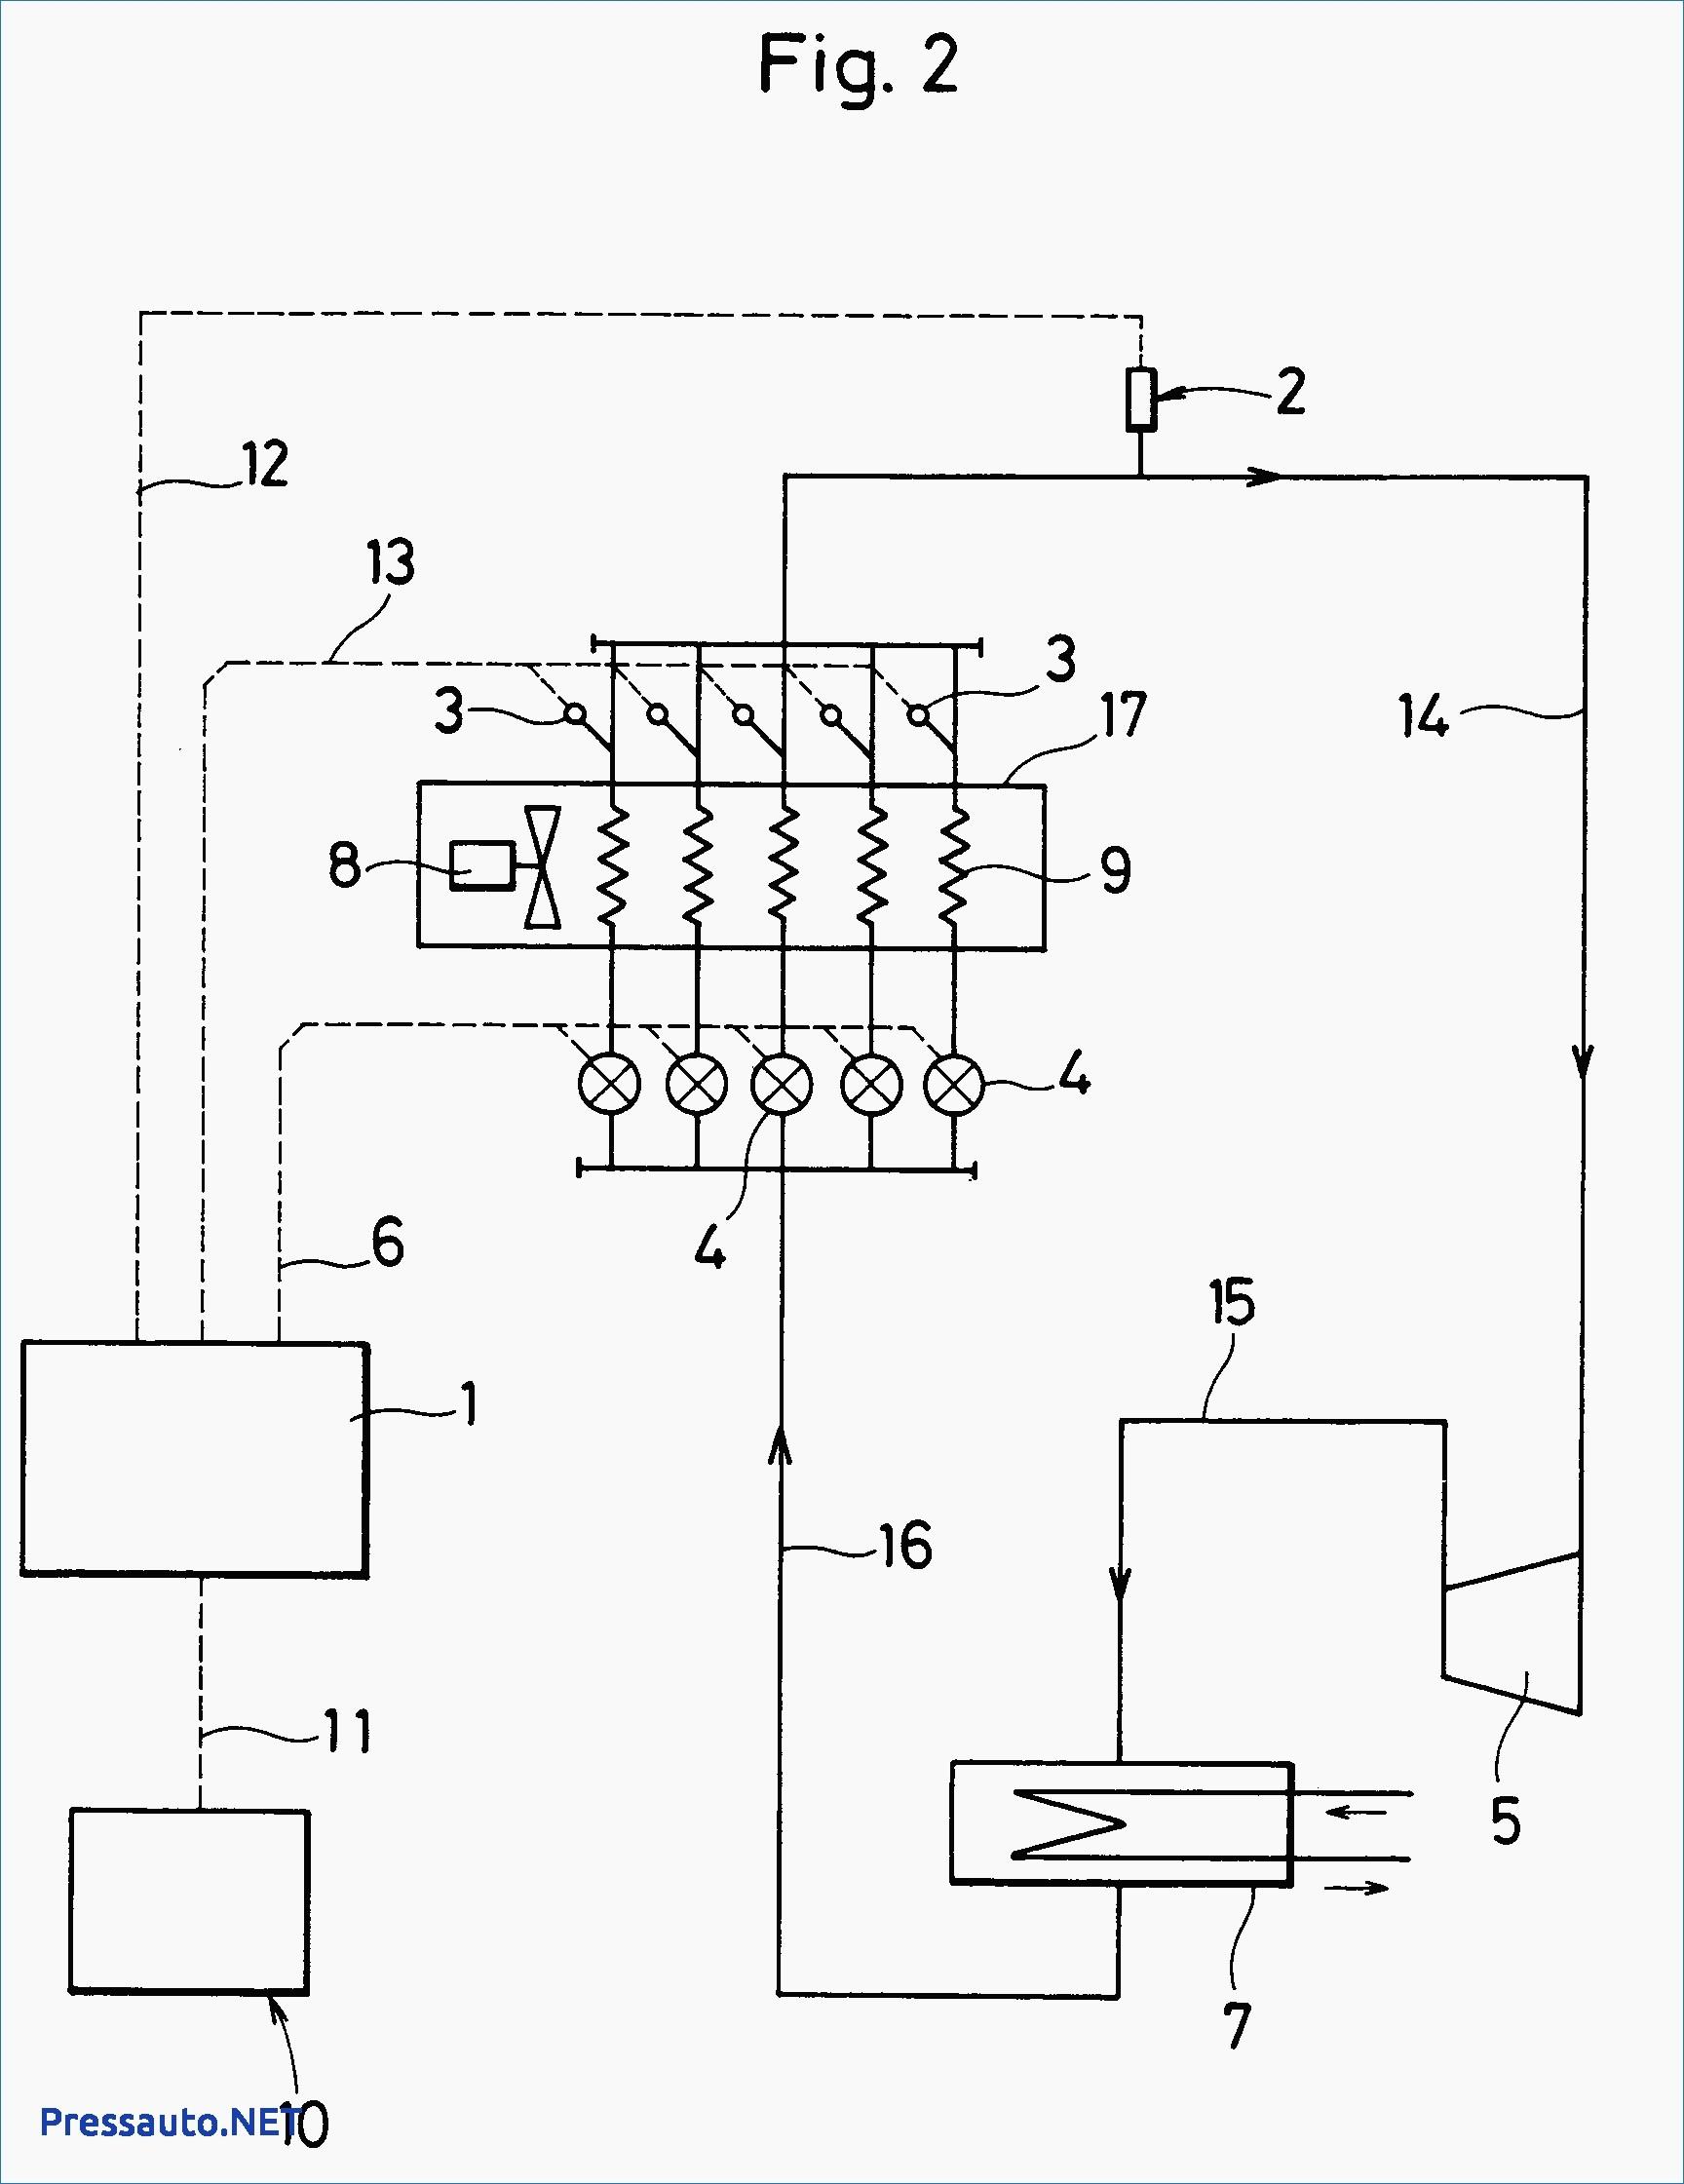 hight resolution of heatcraft walk in freezer wiring diagram